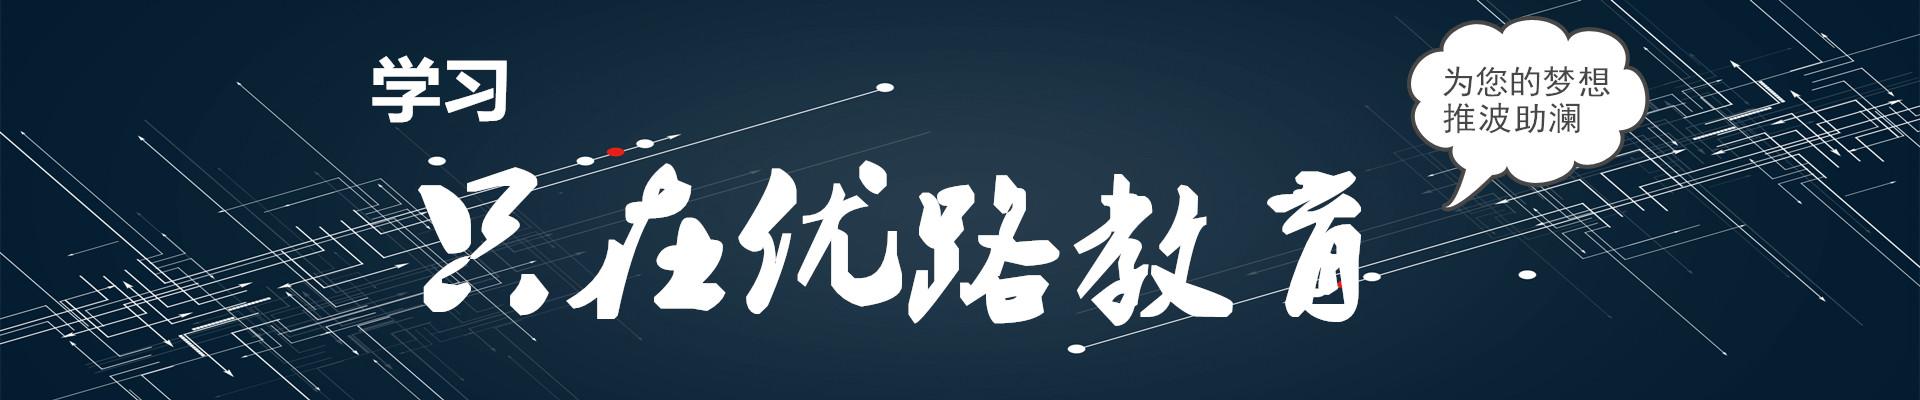 四川自贡优路教育培训学校